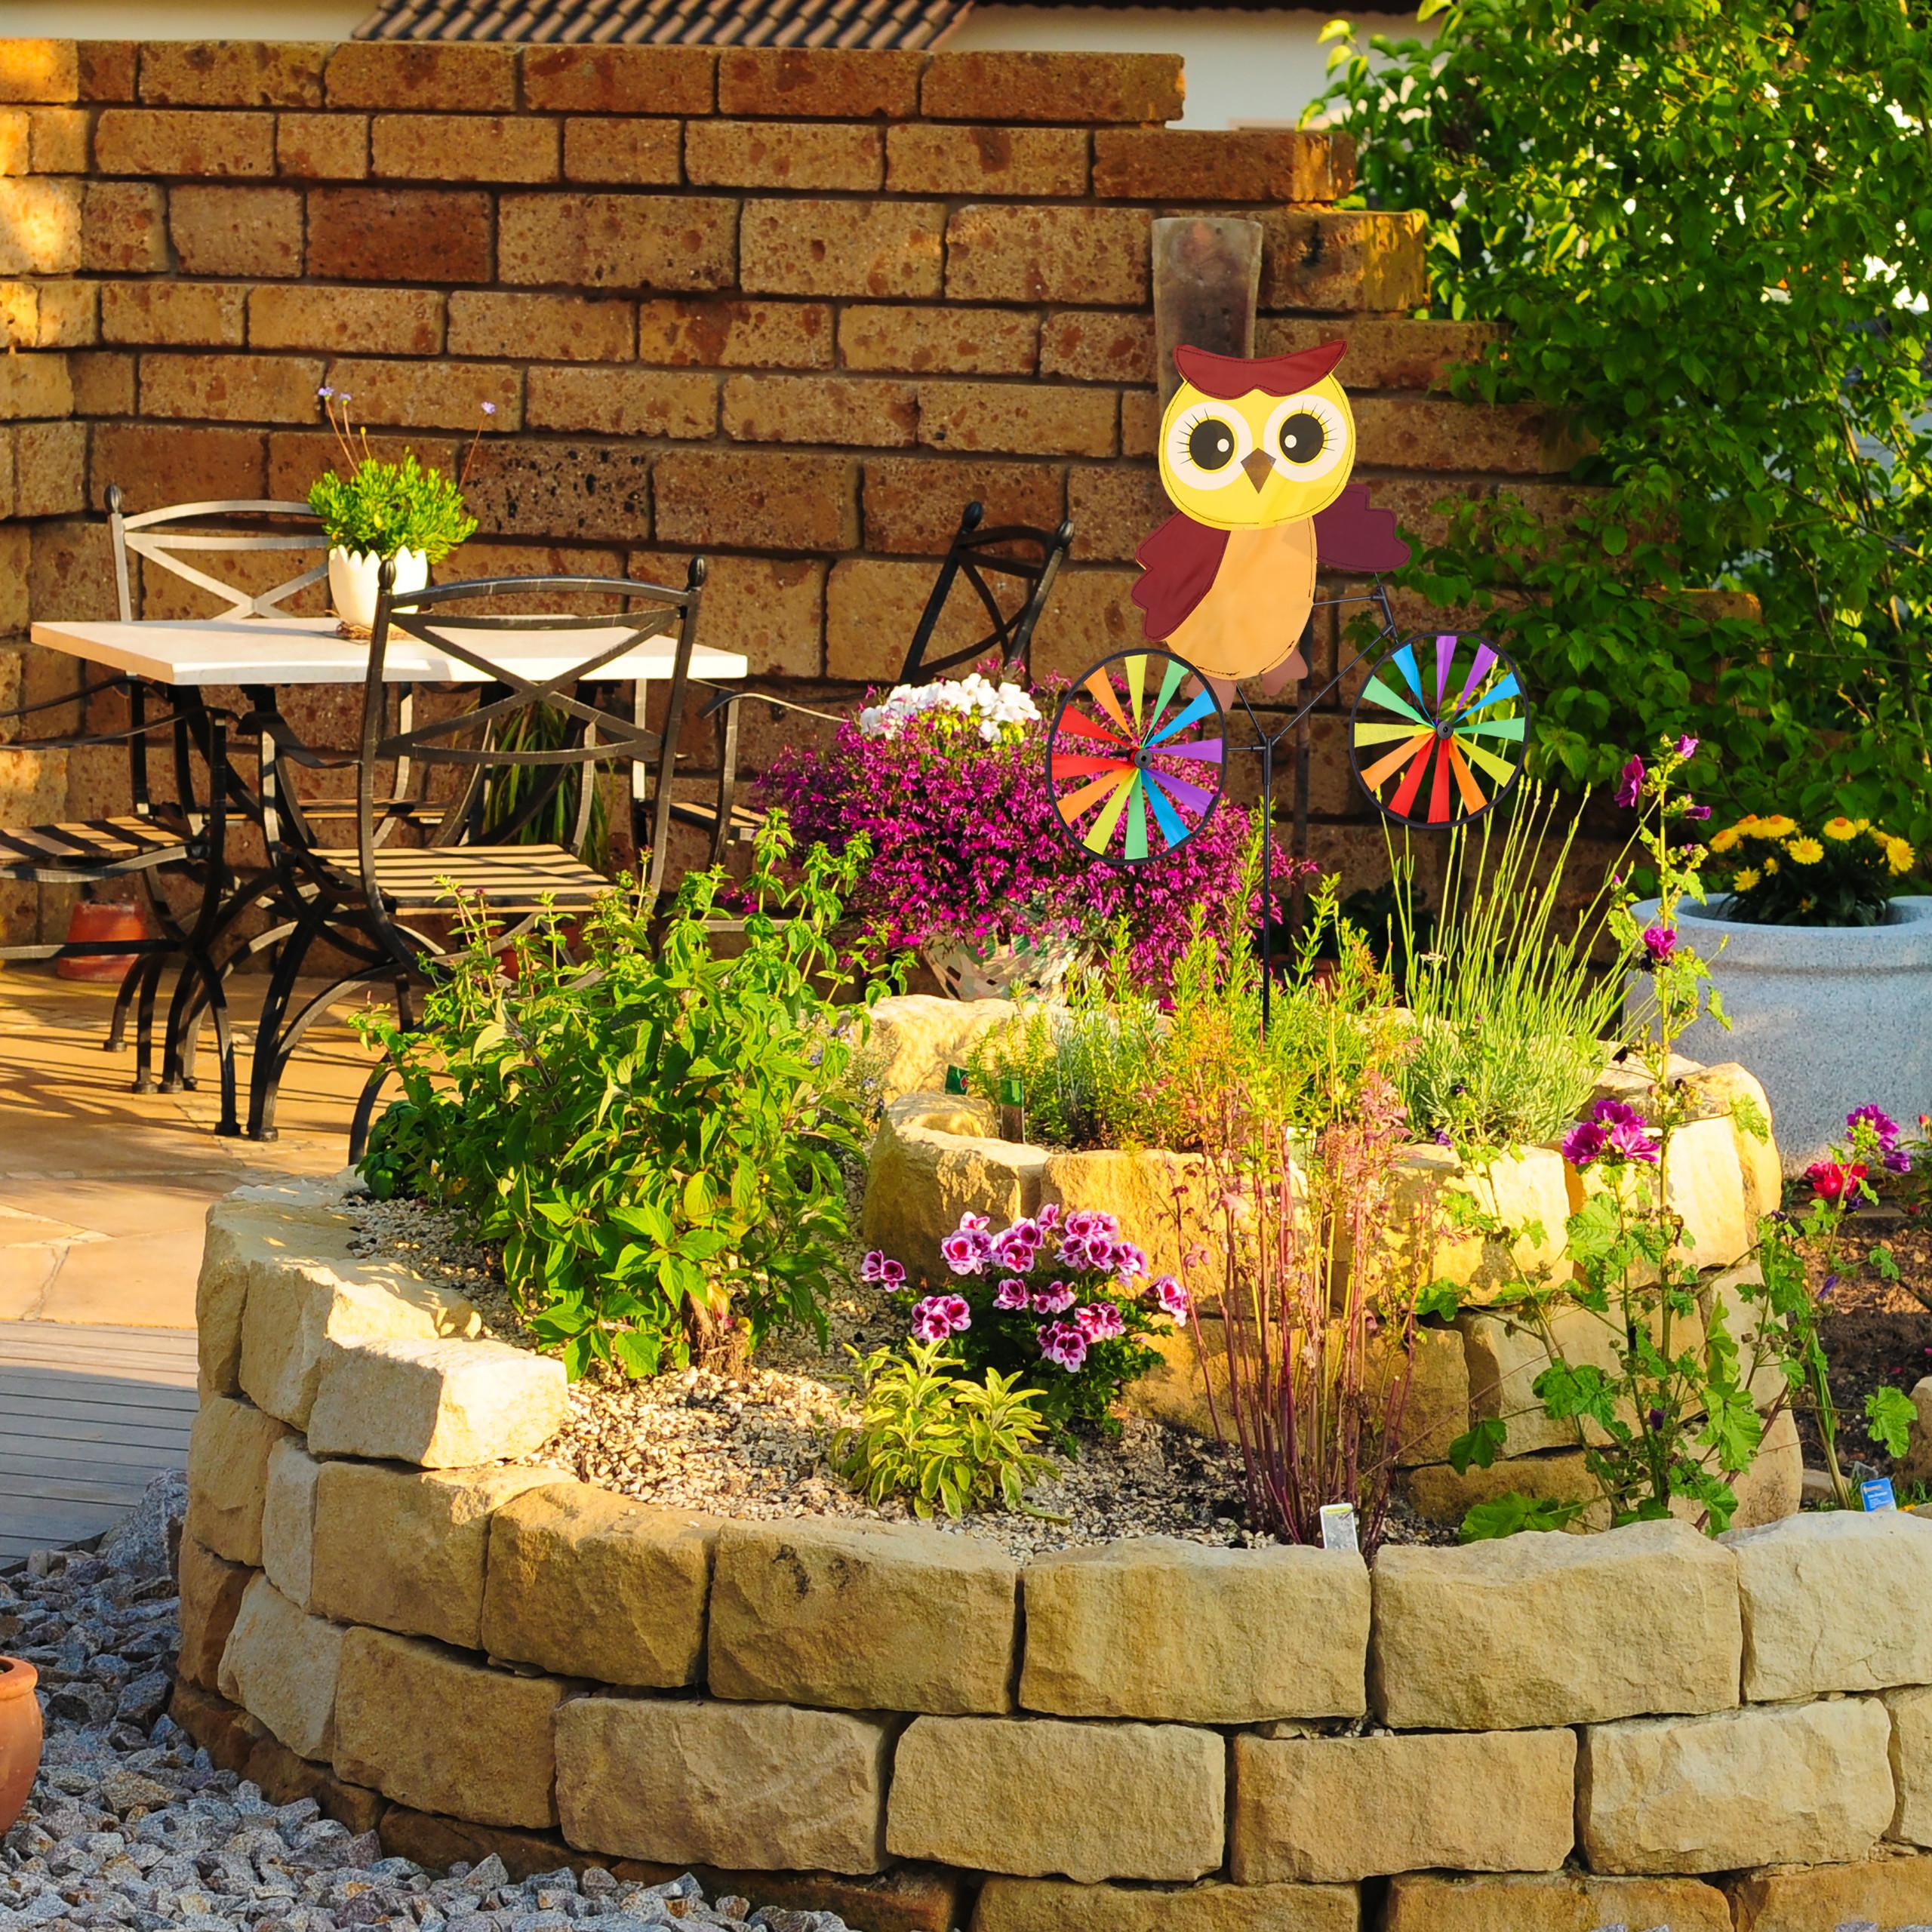 Windrad Tier Blumenstecker Gartenstecker Garten Windrad Kinder Balkon draußen